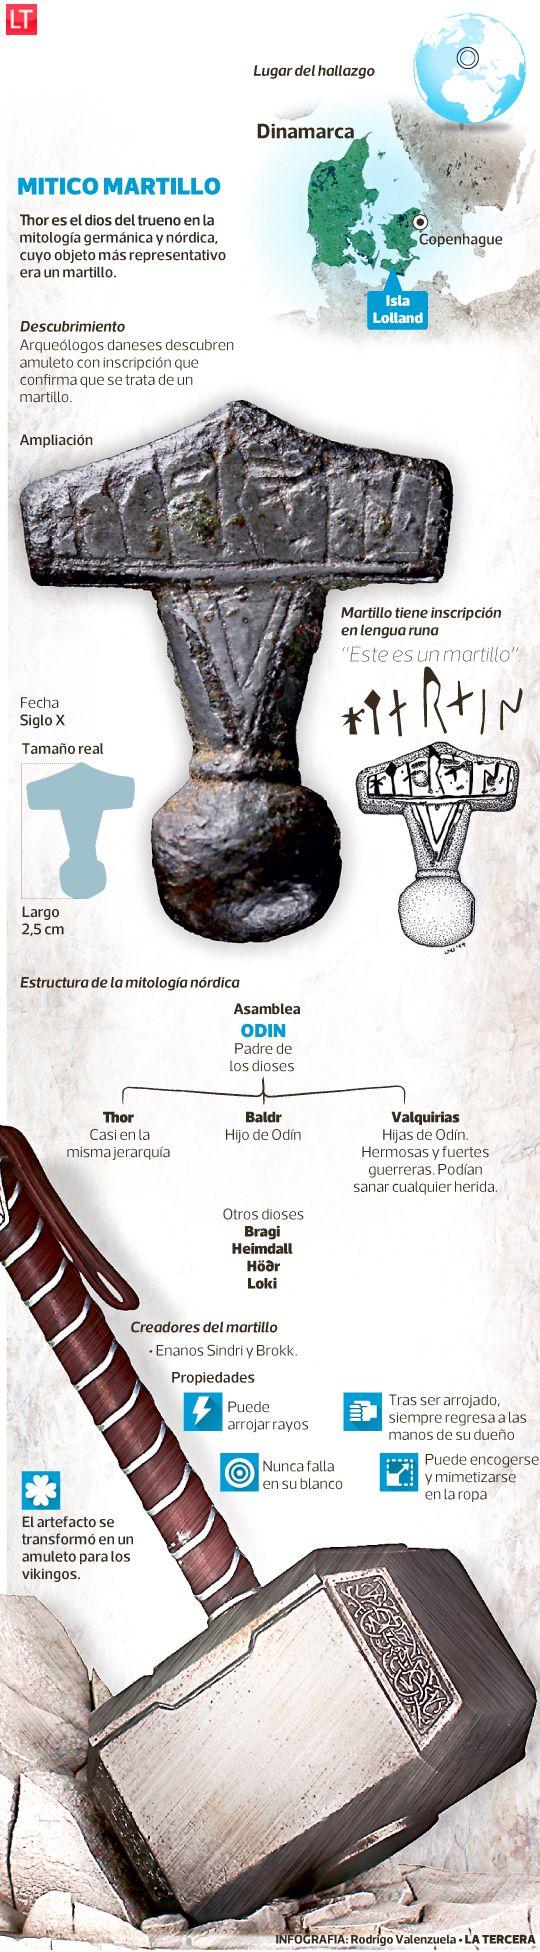 Hallazgo de una réplica de la mítica herramienta del dios del Trueno nórdico confirma que los vikingos usaron estas piezas como amuletos.